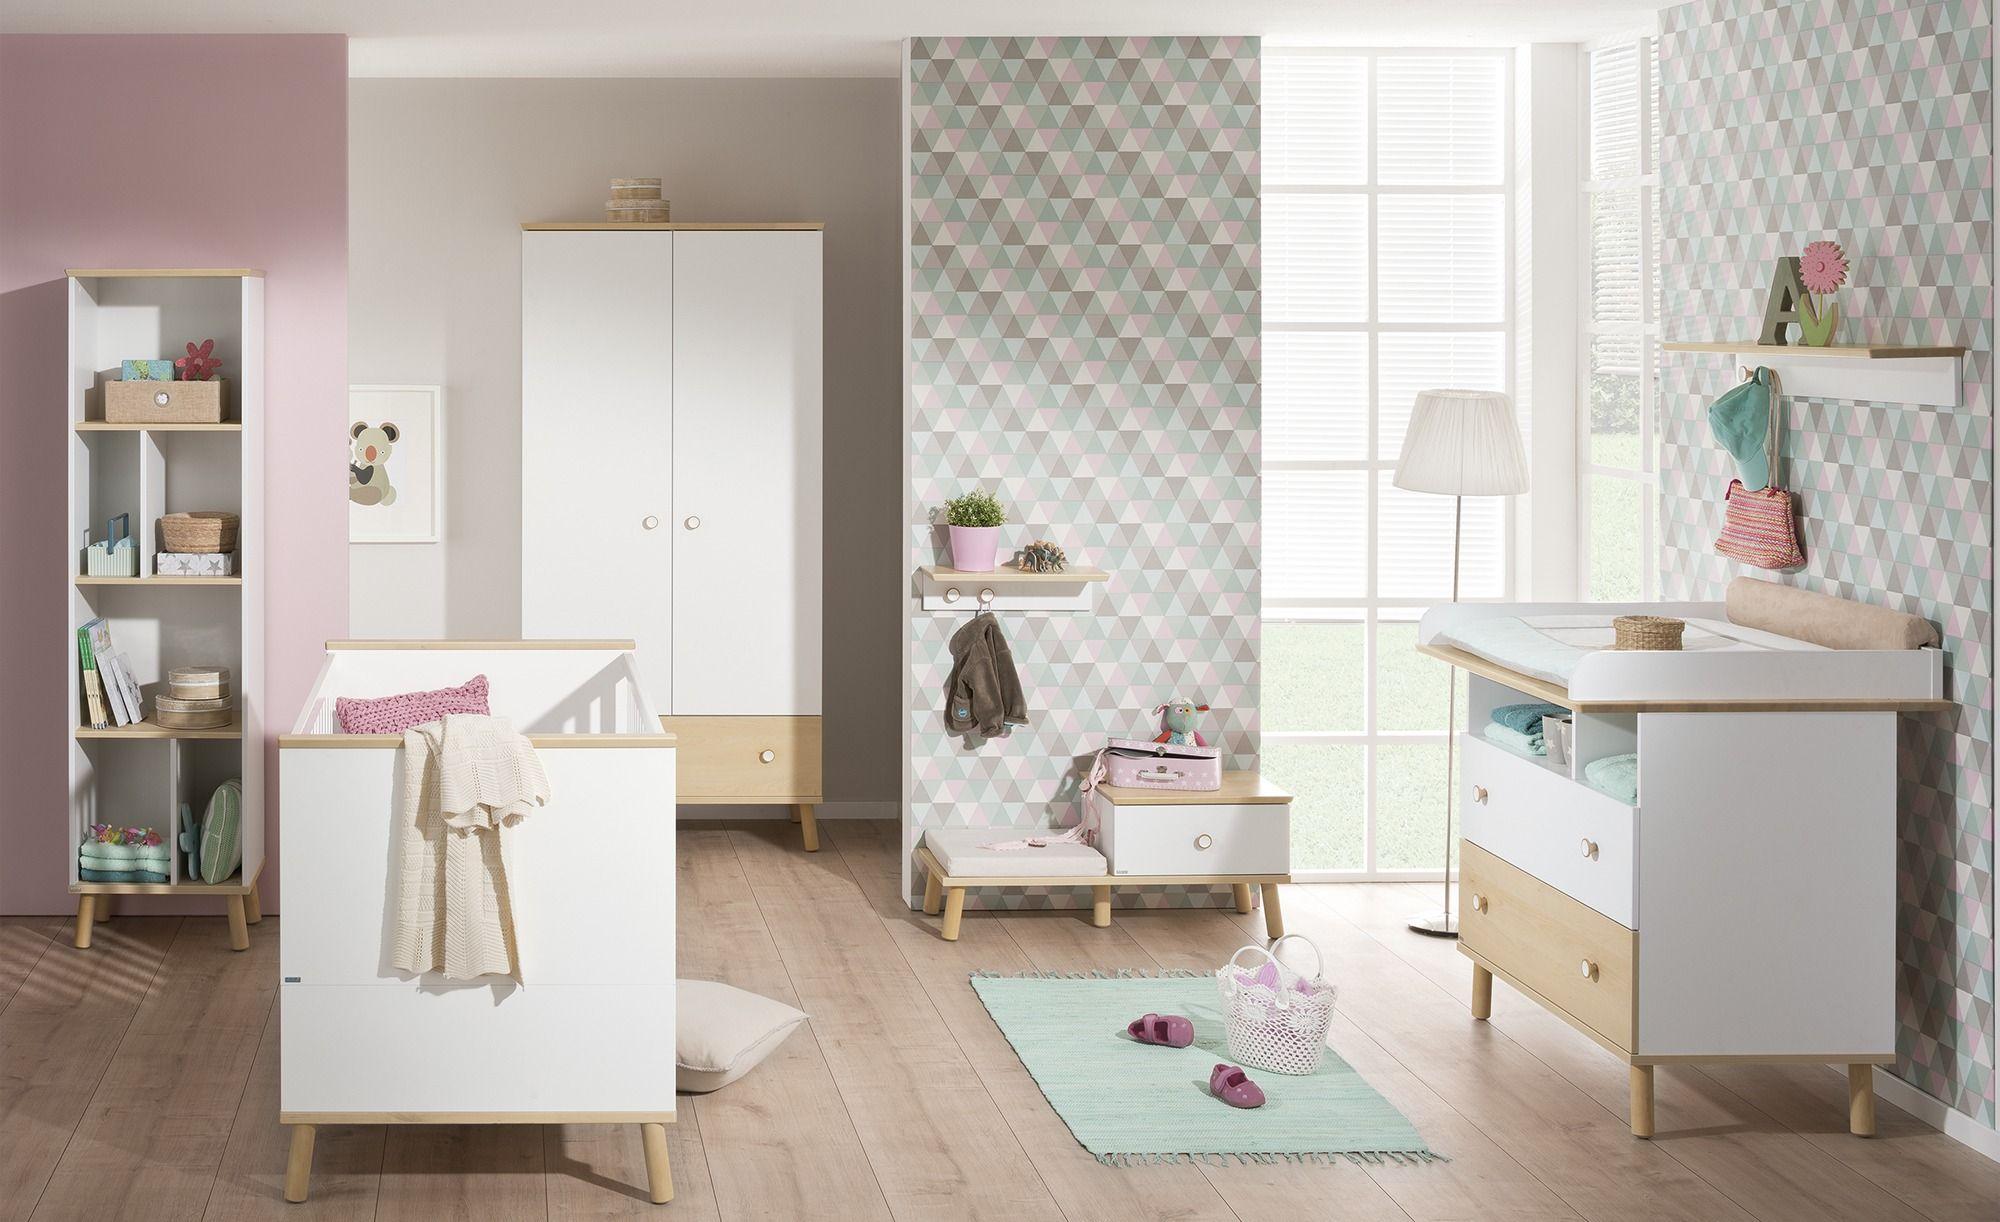 Paidi Wickelaufsatz Ylvie Gefunden Bei Mobel Hoffner In 2020 Haus Deko Schlafzimmer Design Kinder Zimmer